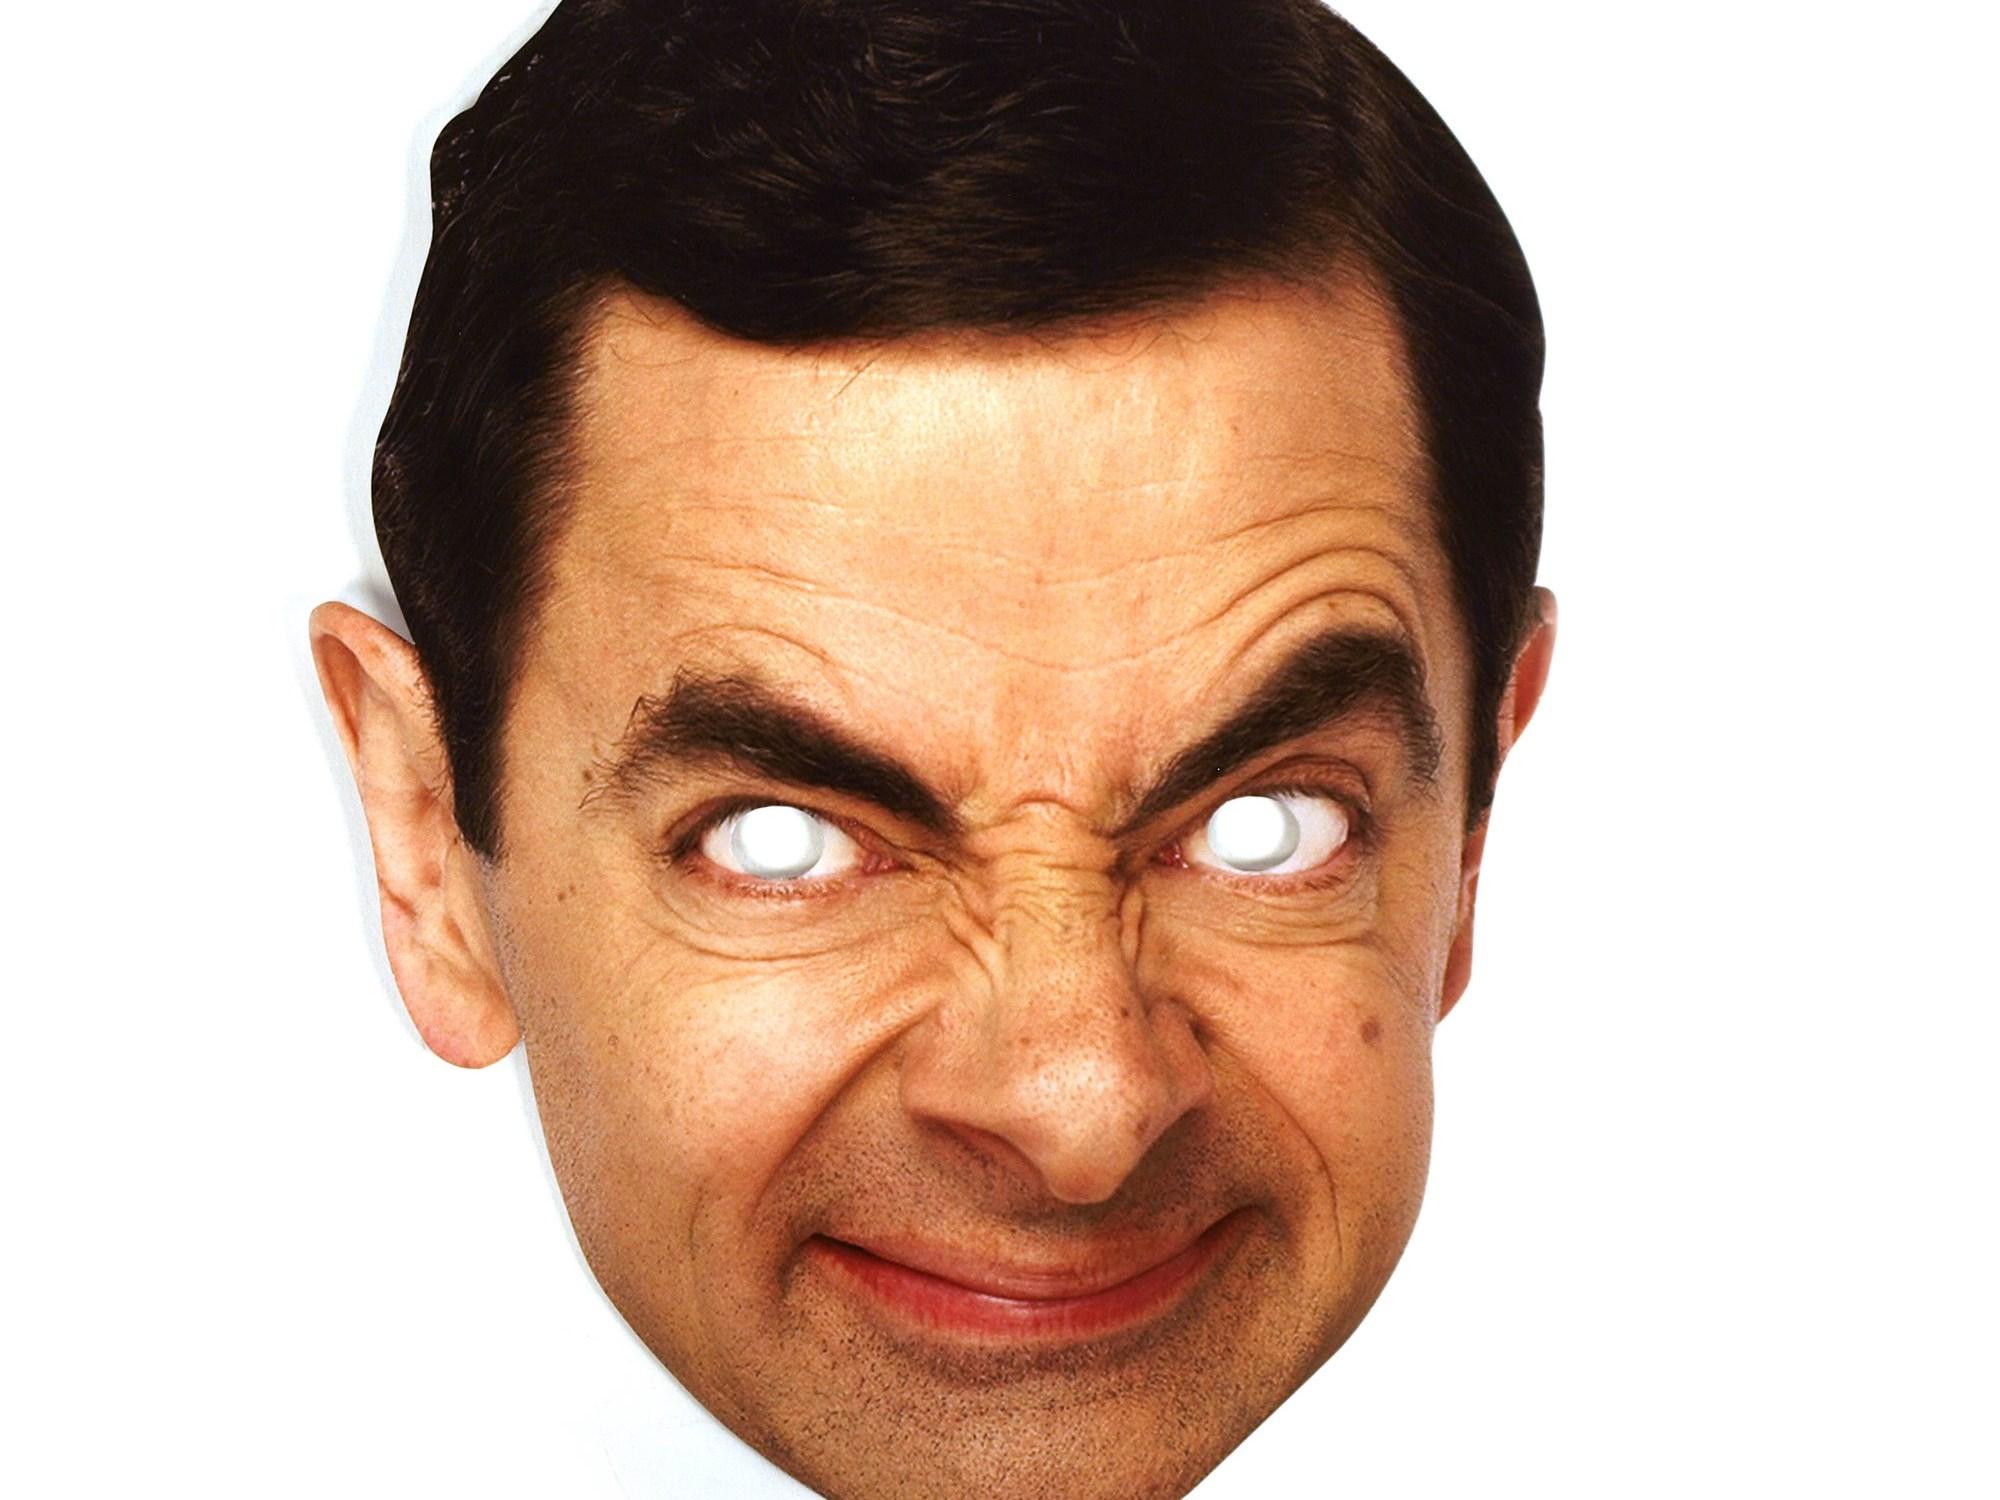 Смешные картинки лиц мужчин, тебя люблю